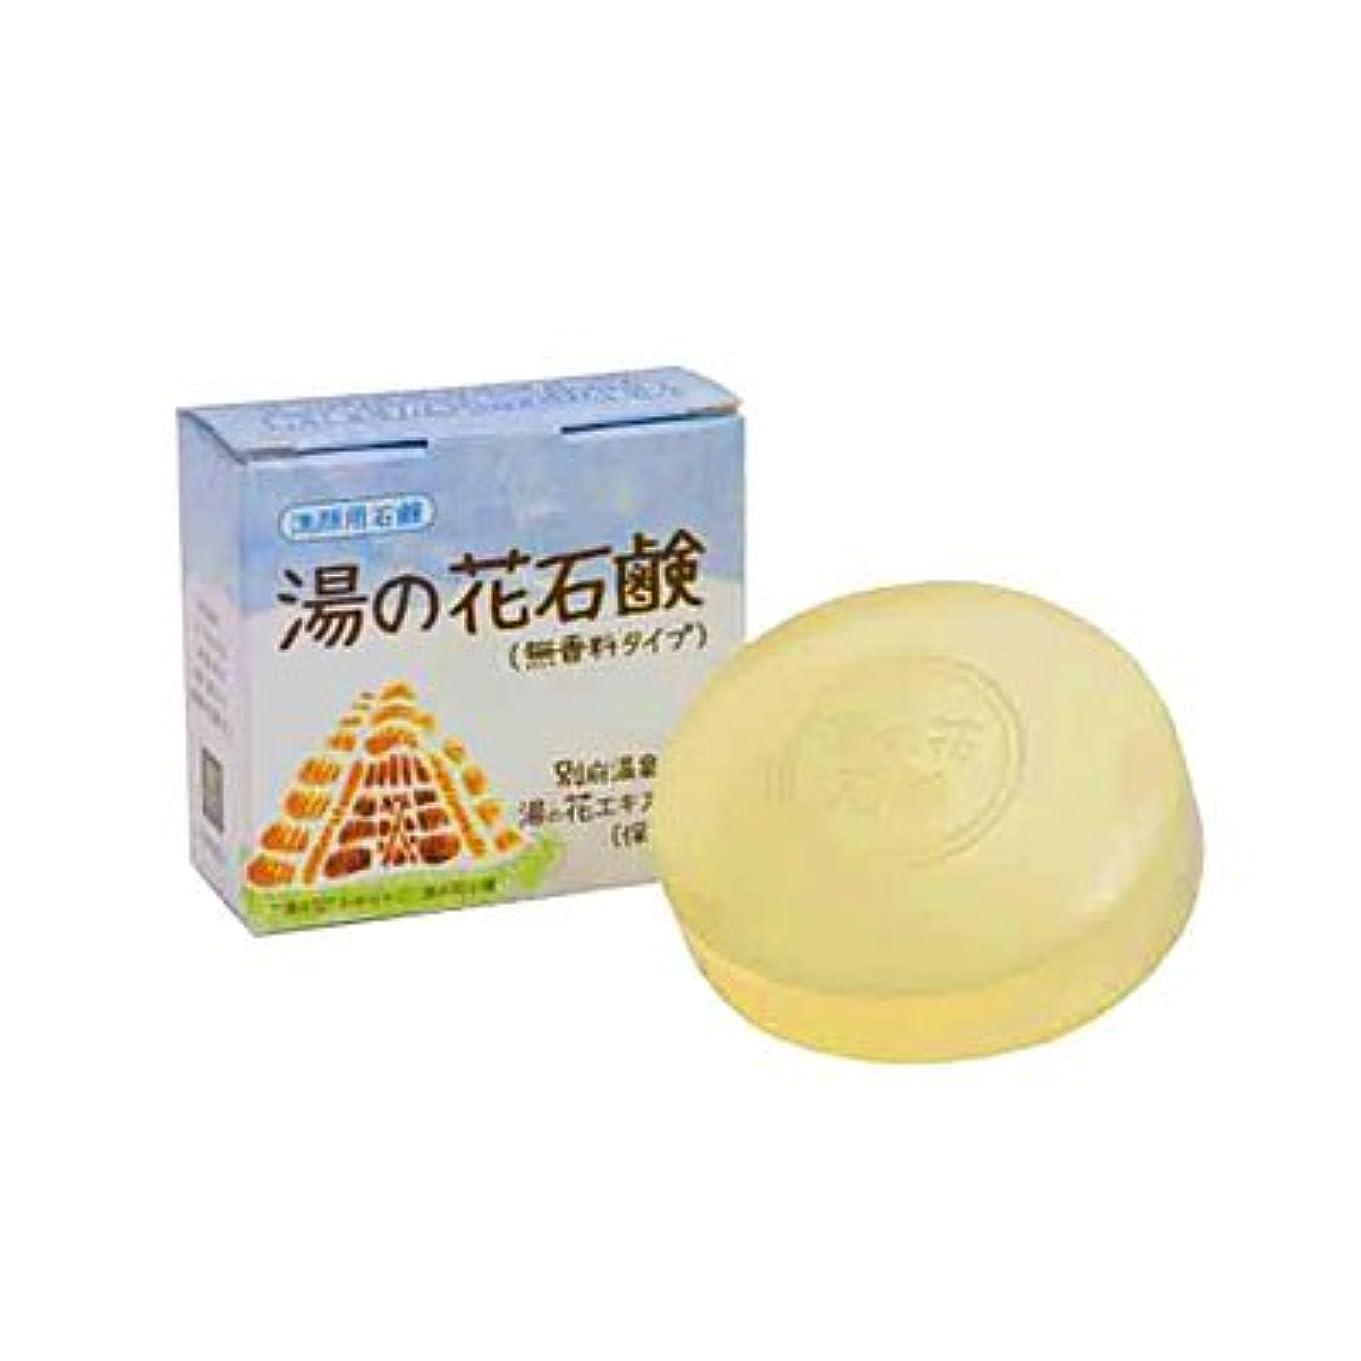 薬用 湯の花石鹸 ビーナス1 80g